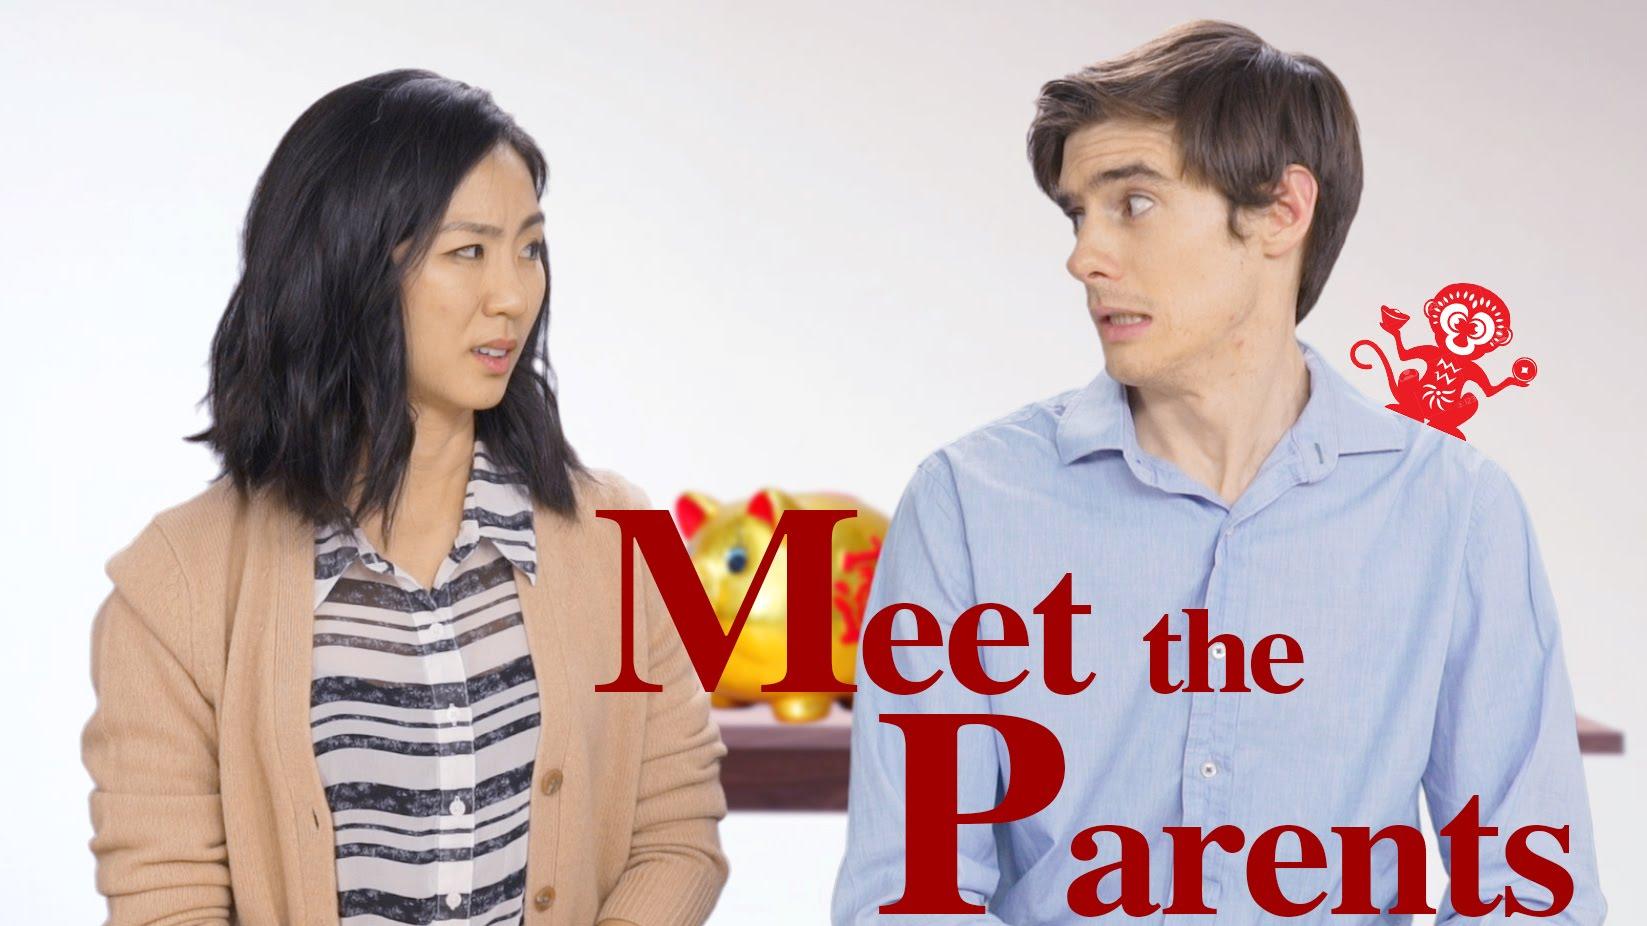 「【年節惡夢】老外看東方長輩的經典問候語」- Meet the Parents: Chinese New Year Nightmare